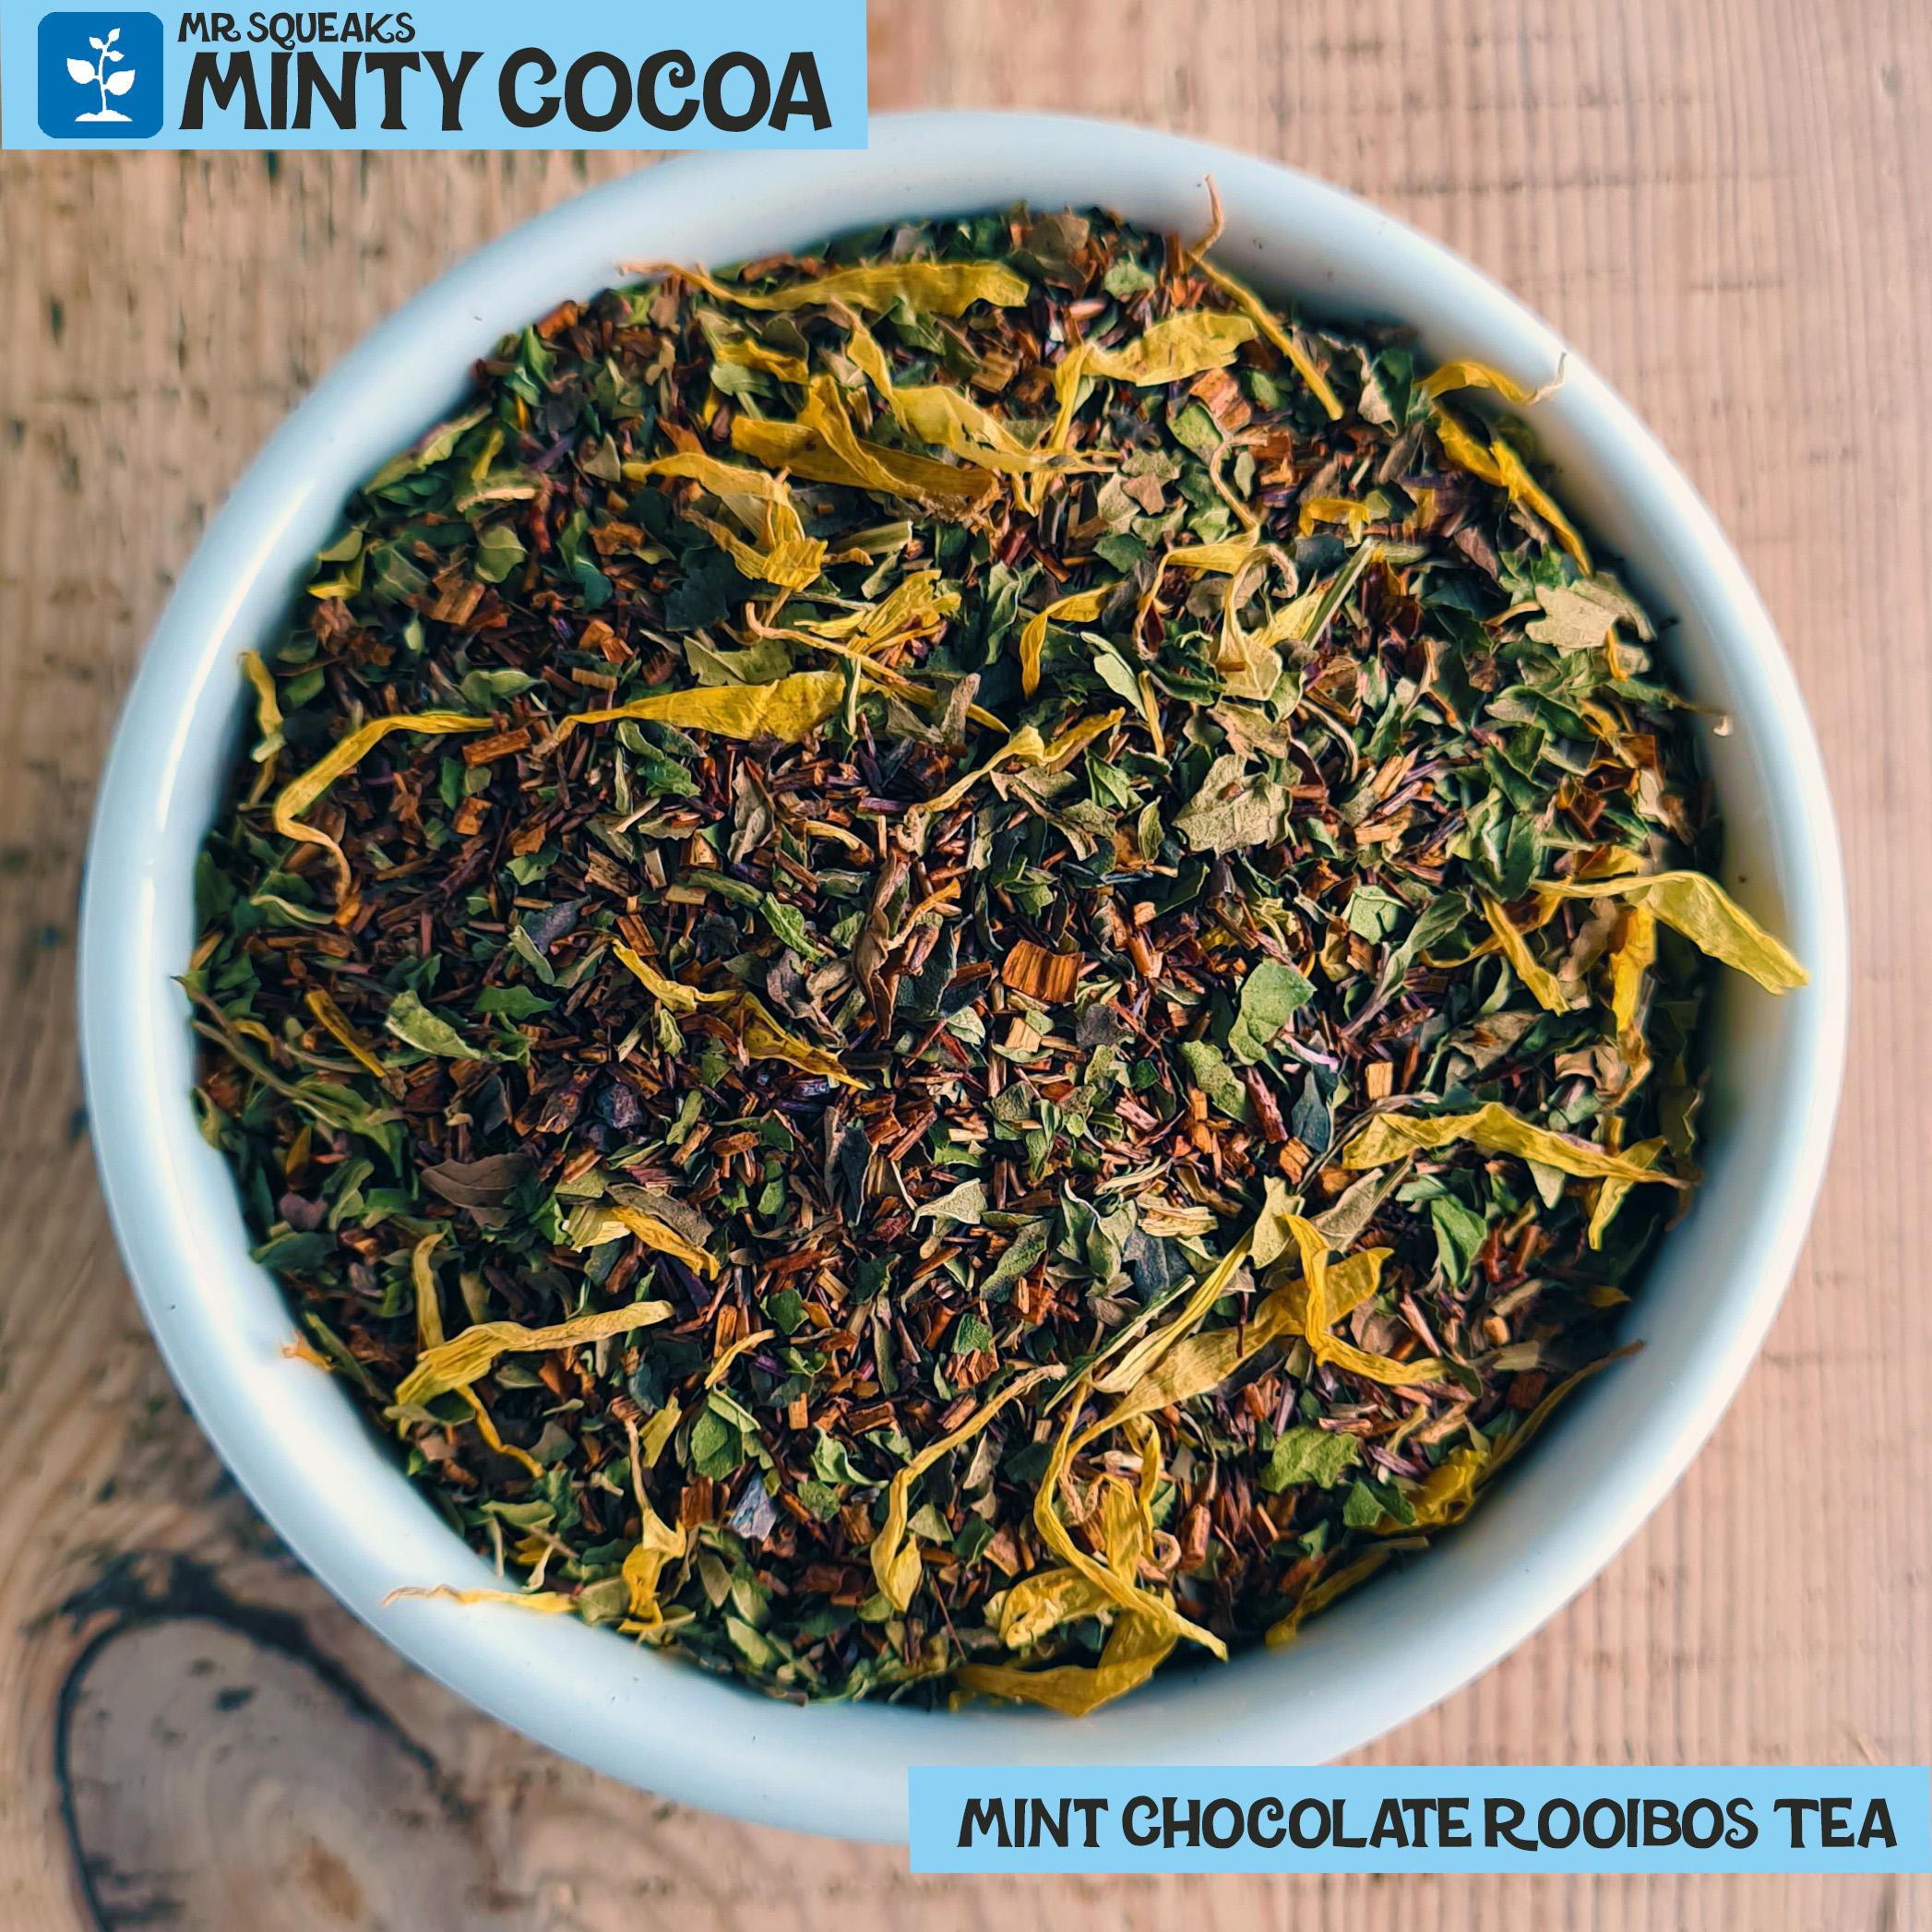 Minty Cocoa